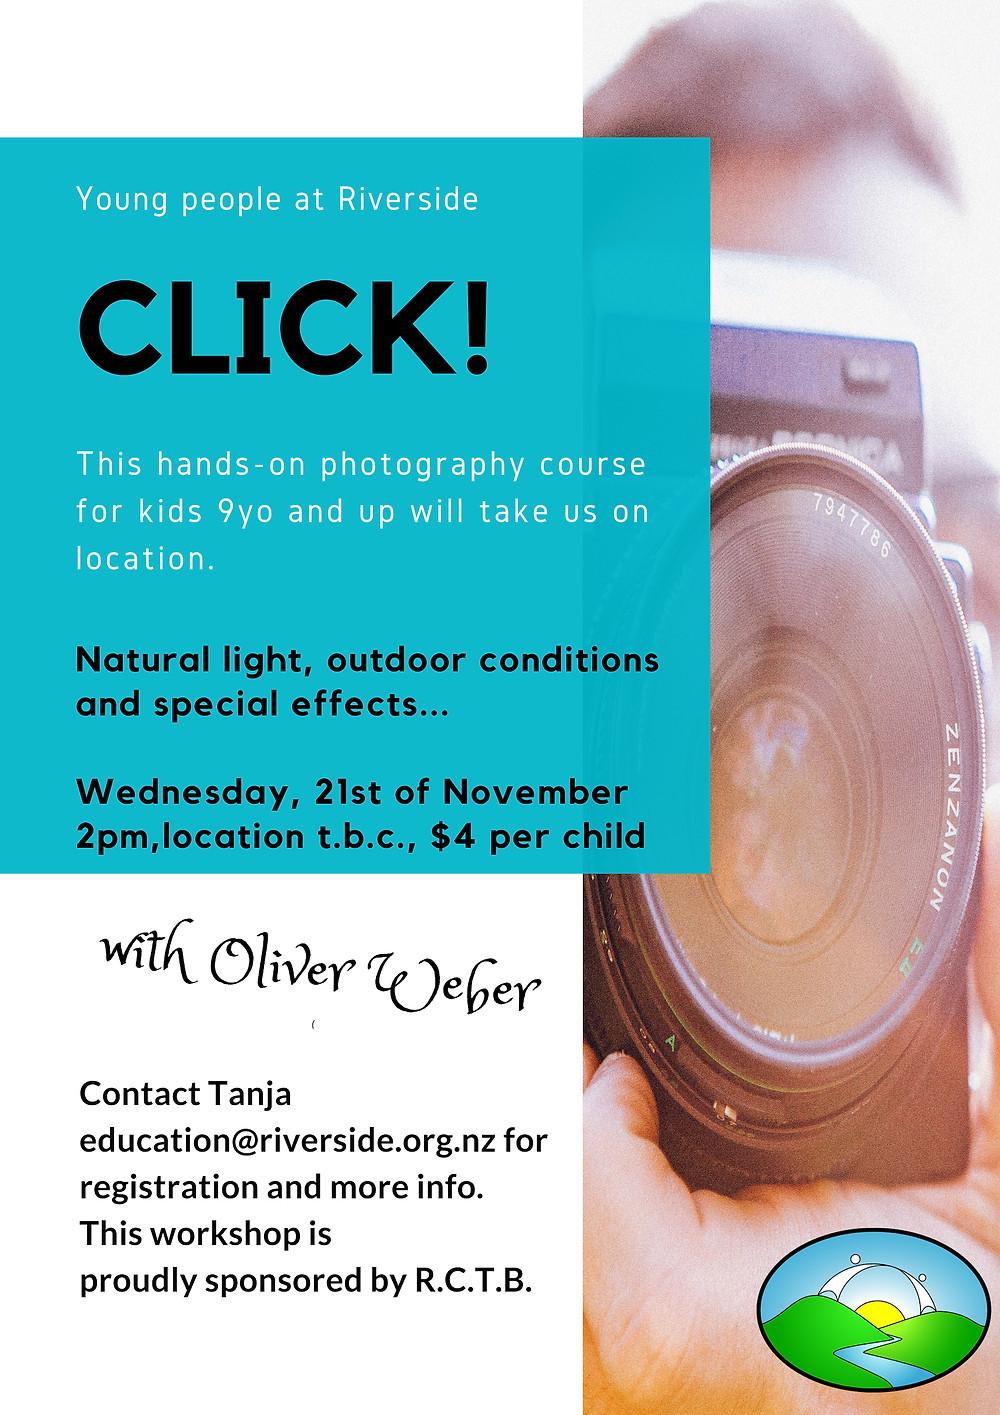 Photography workshop for kids at Riverside